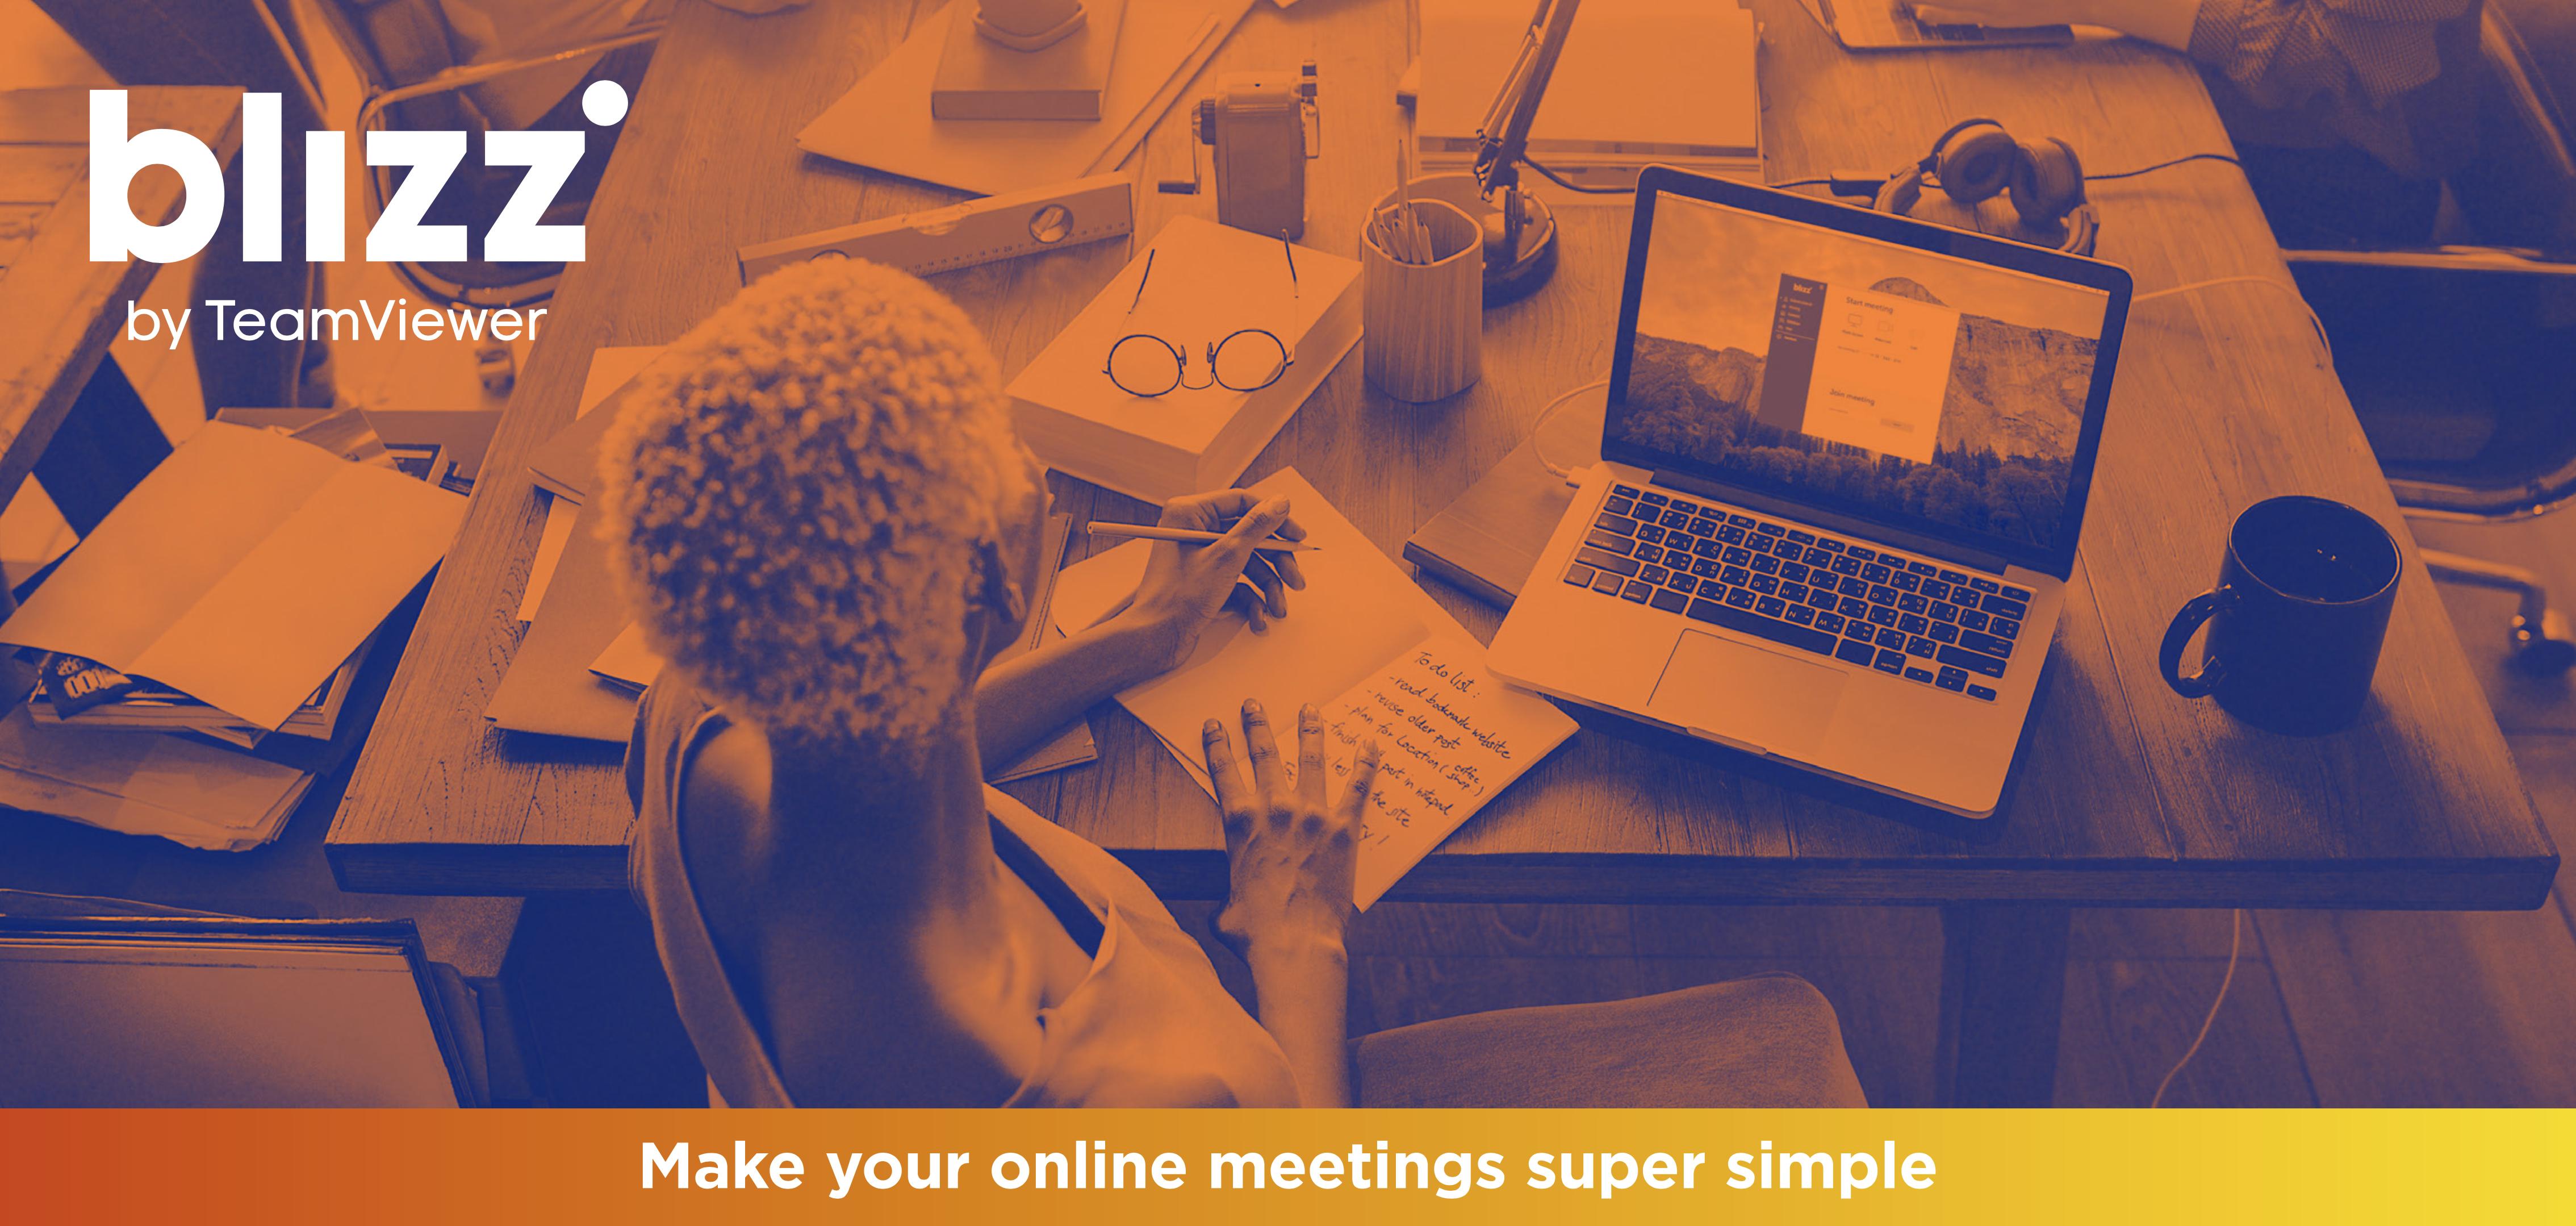 blizz-online-meetup